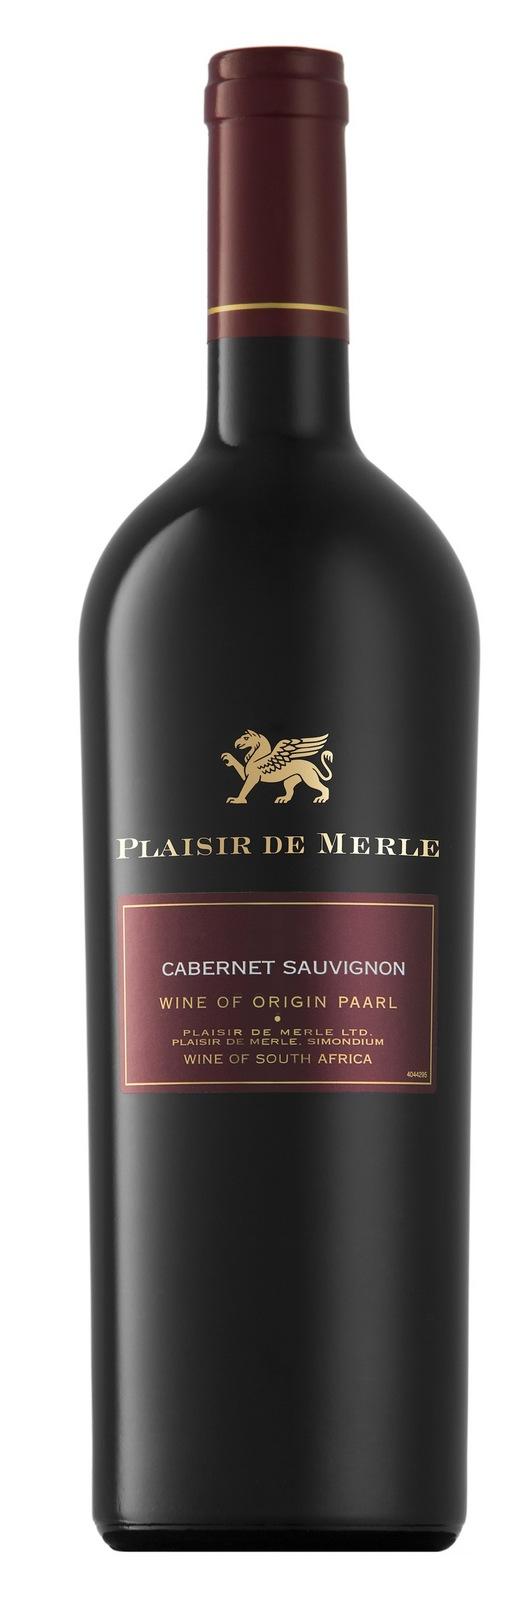 Plaisir de Merle Cabernet Sauvignon 2014